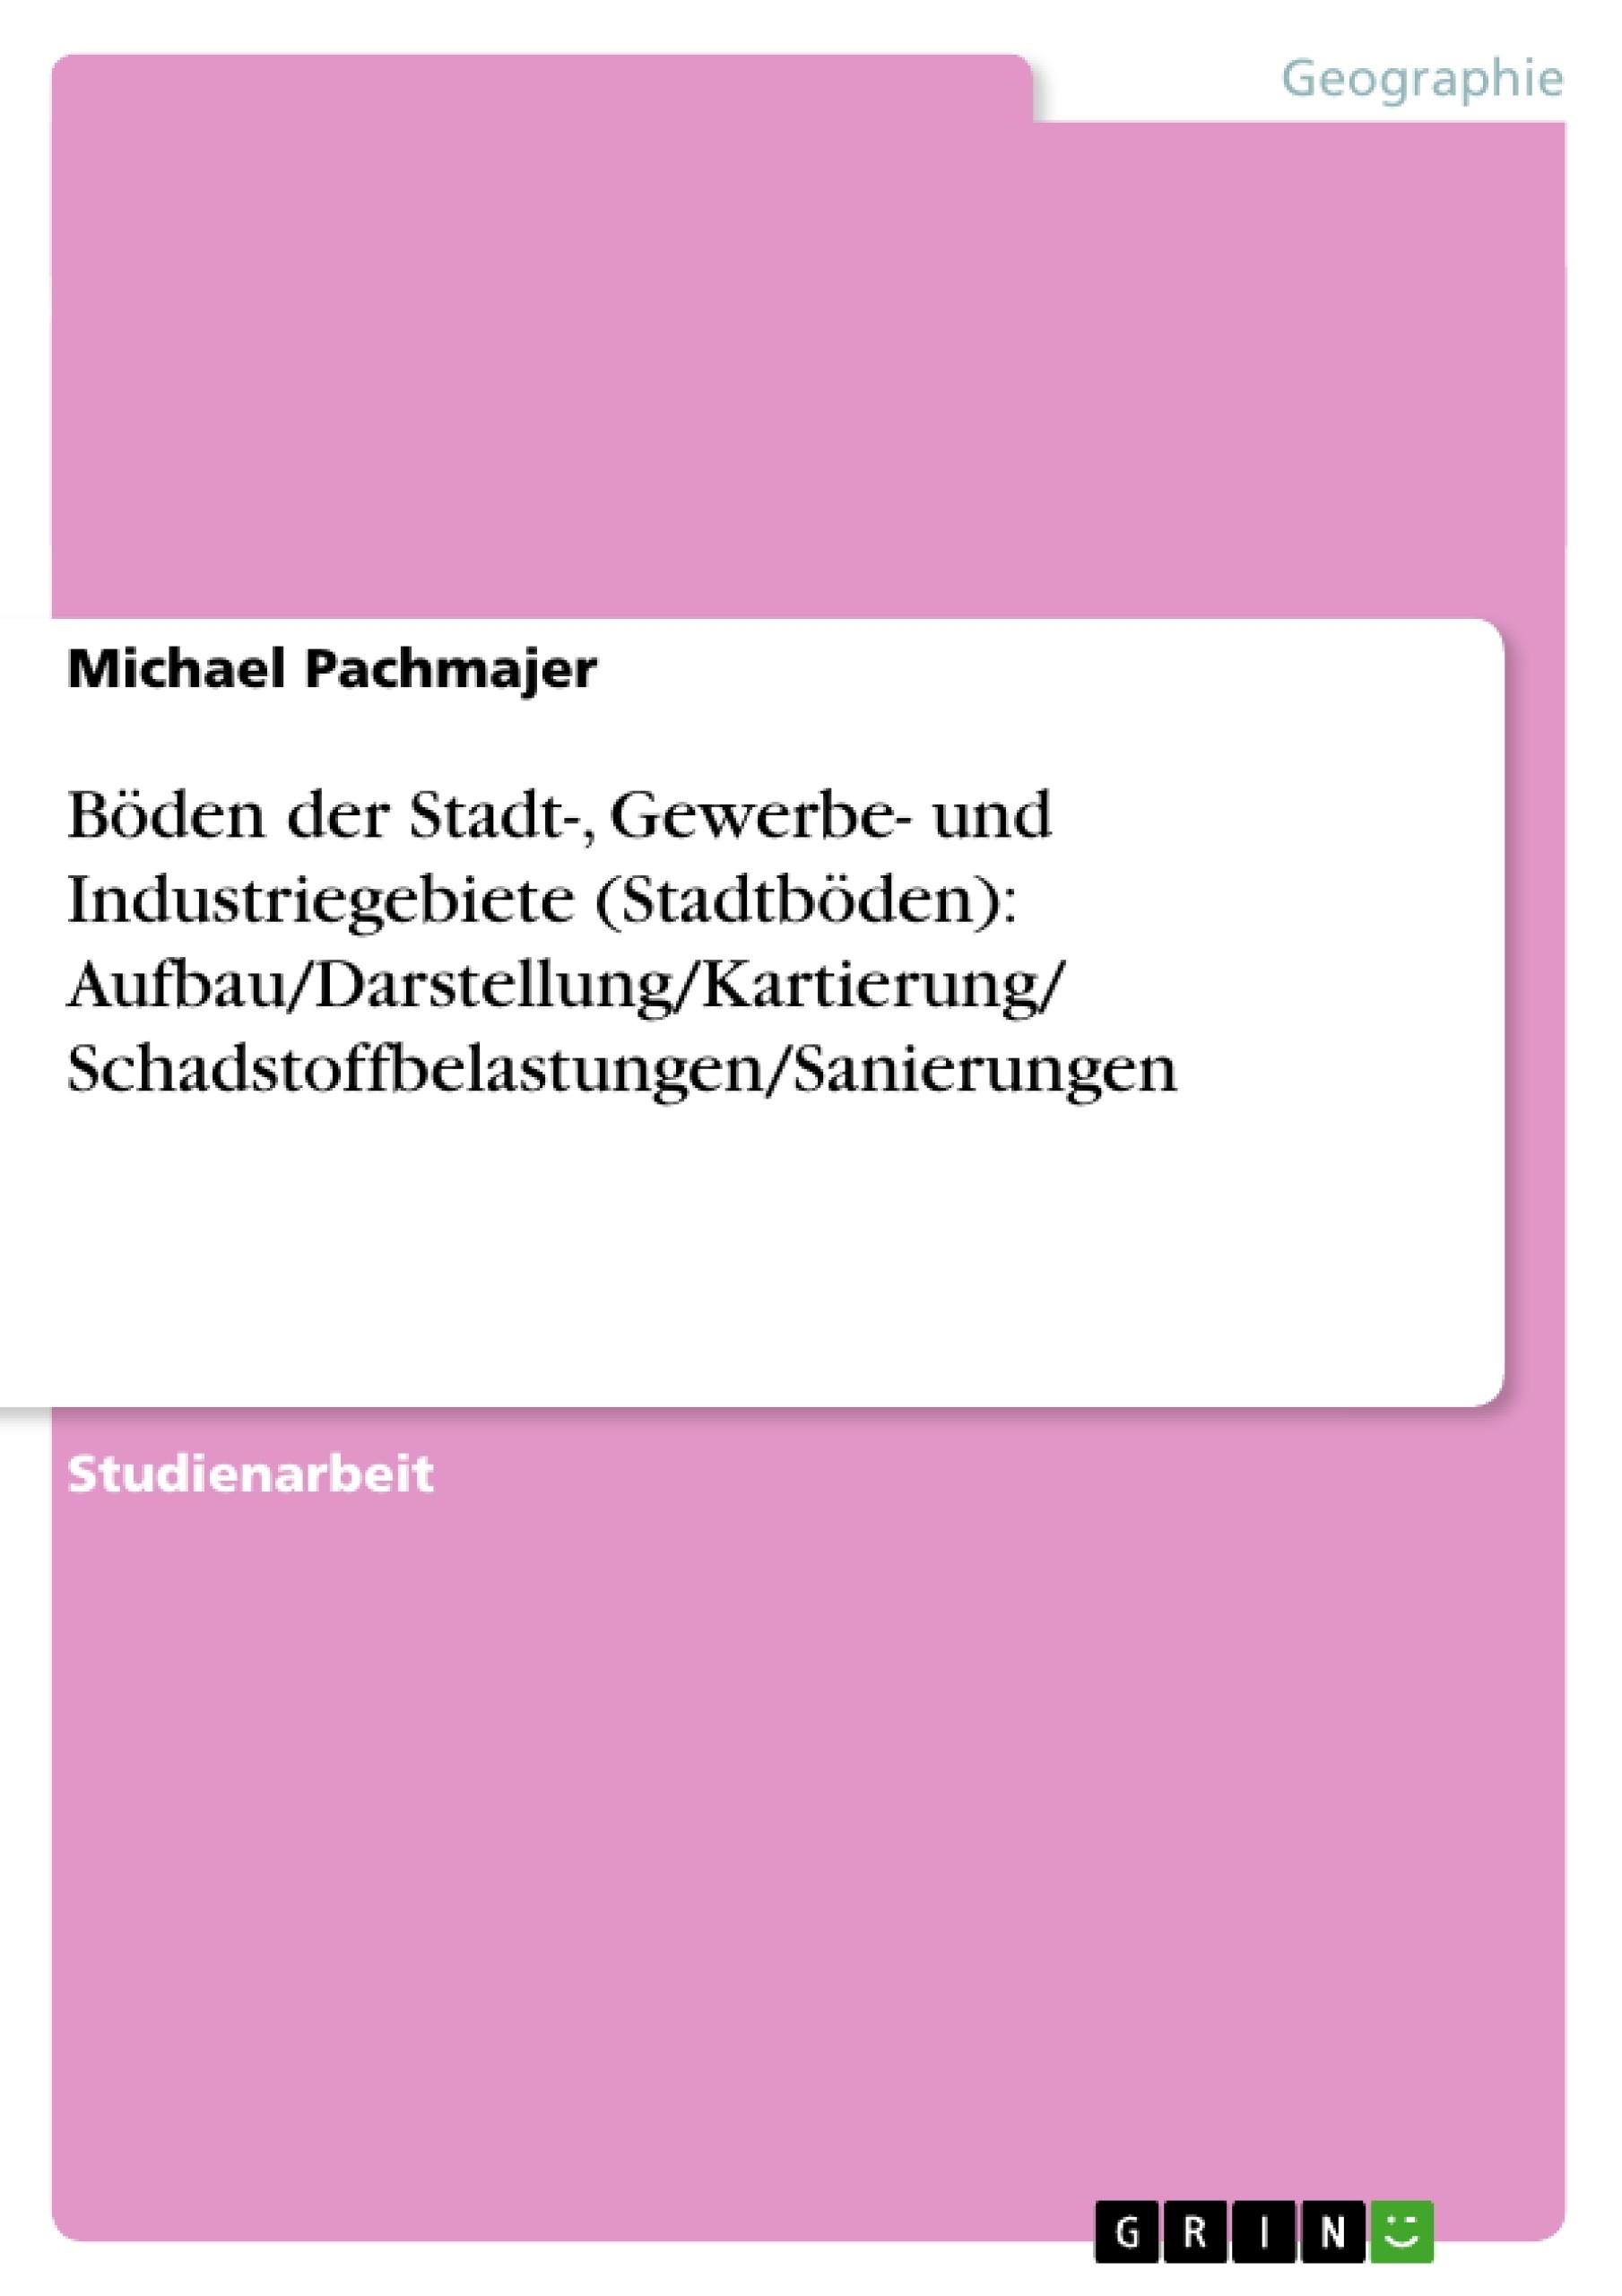 Titel: Böden der Stadt-, Gewerbe- und Industriegebiete (Stadtböden): Aufbau/Darstellung/Kartierung/ Schadstoffbelastungen/Sanierungen